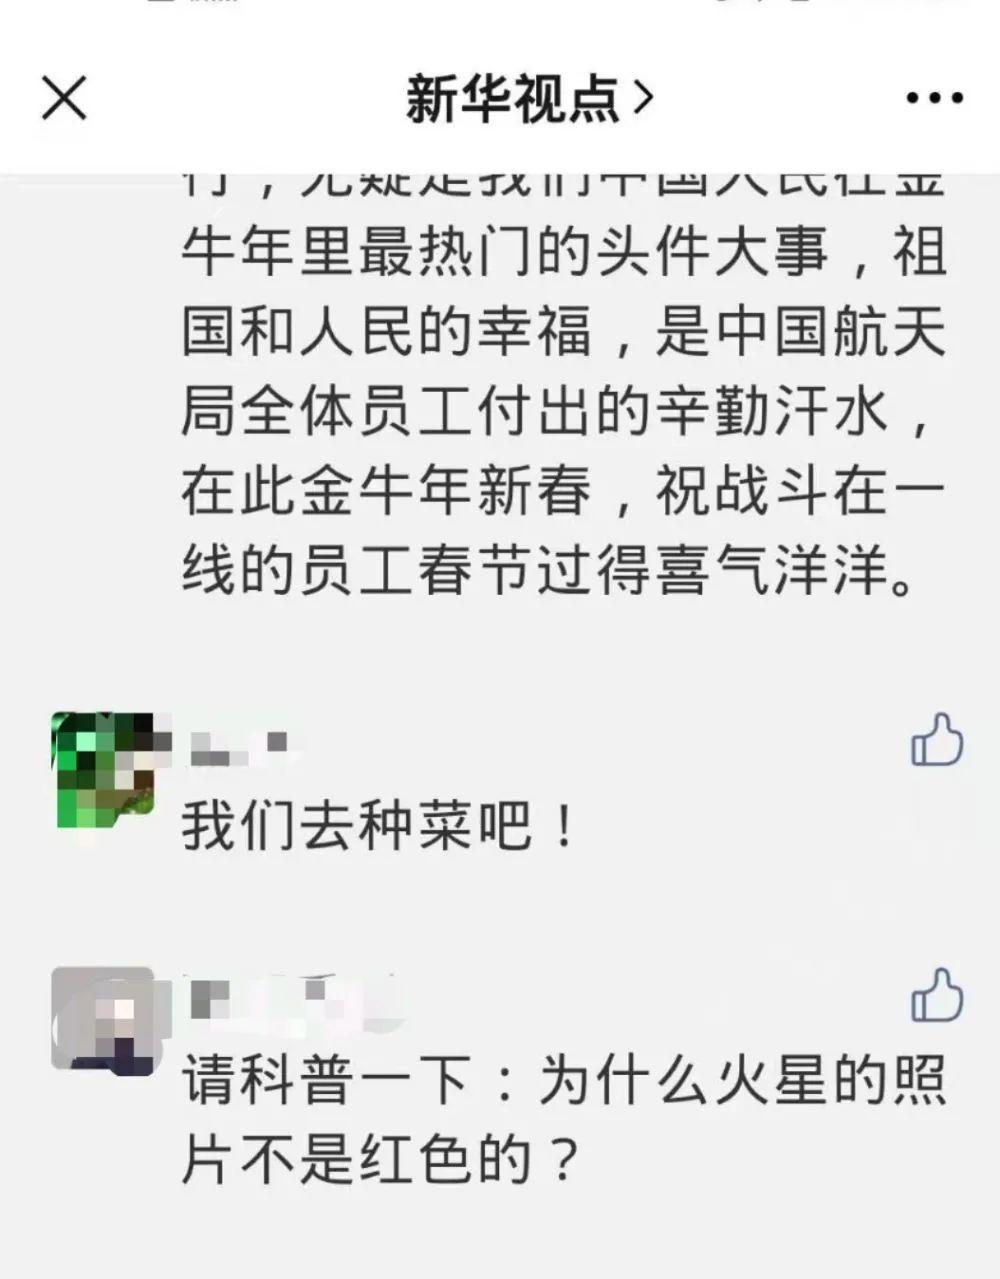 北京多区开展新冠疫苗接种 居民可就近选择接种点